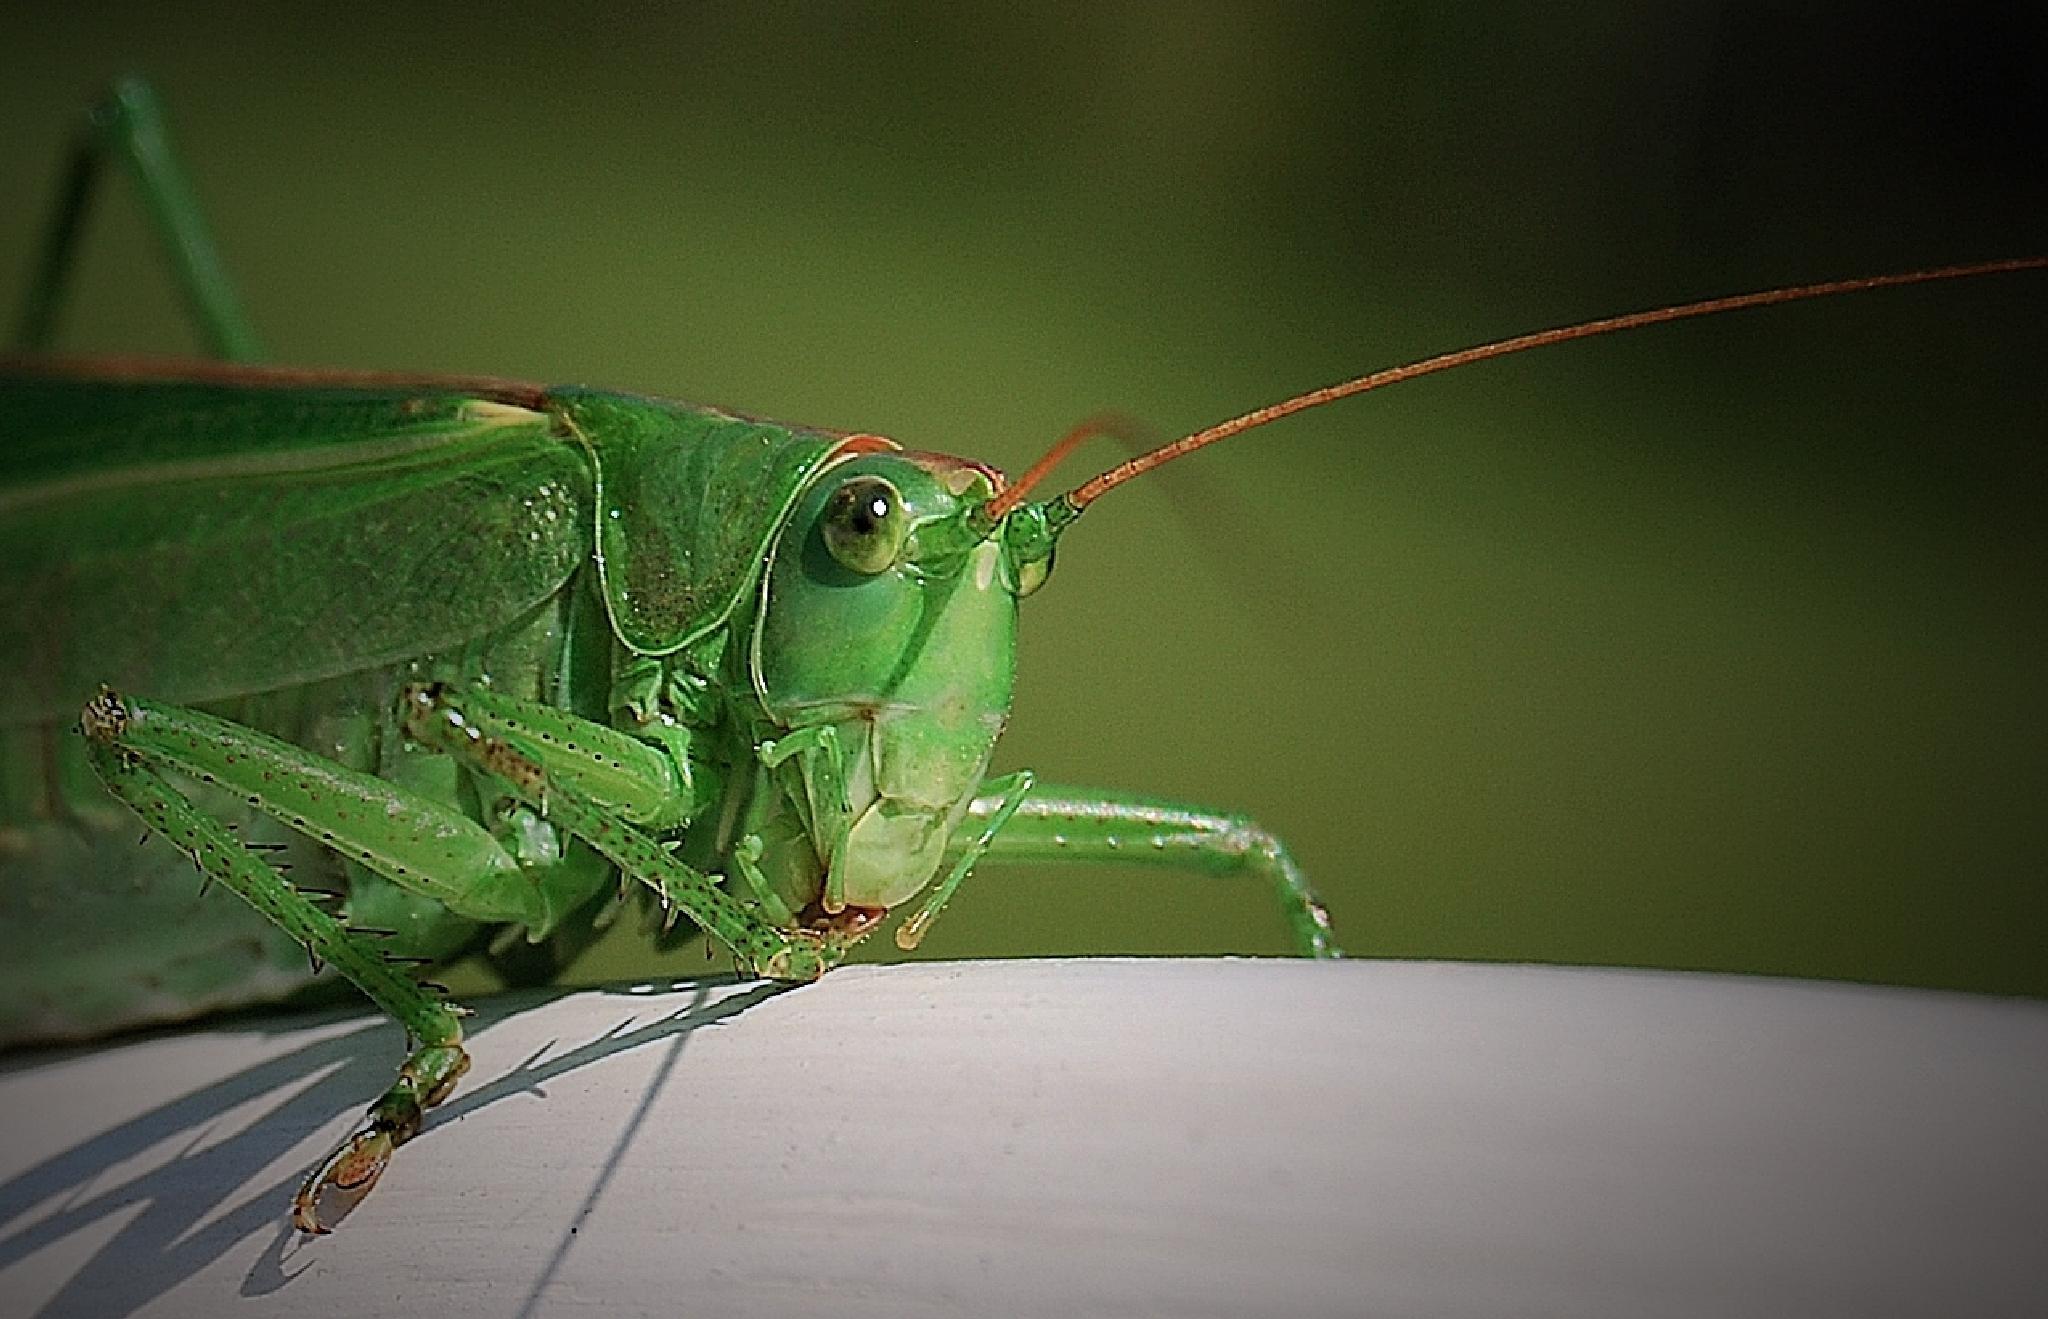 die grüne Heuschrecke  by mimicahalkijevic